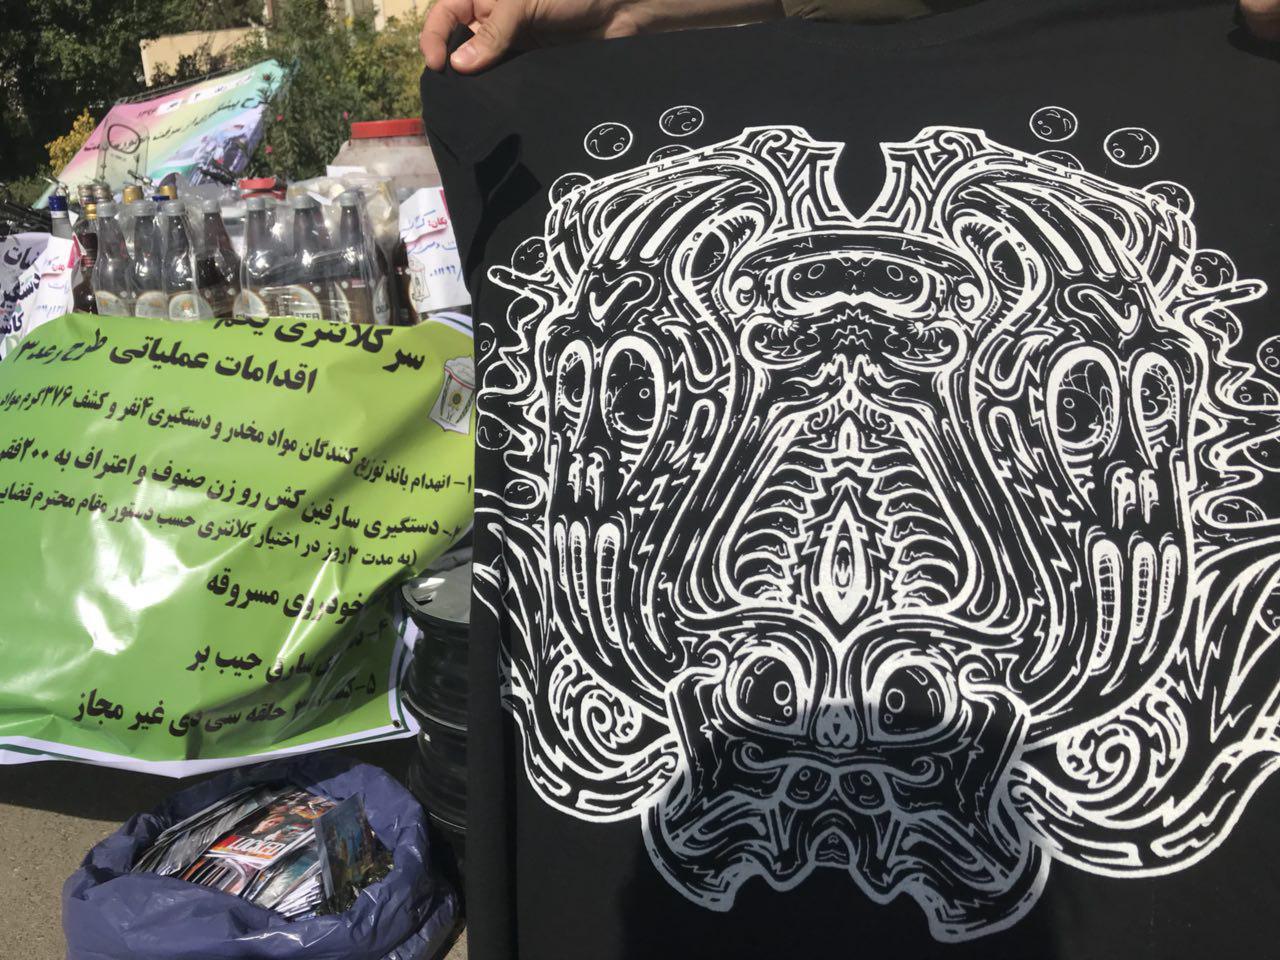 عرضه لباسهای شیطان پرستی در شمال تهران/مجرم در تله پلیس گرفتار شد + تصاویر